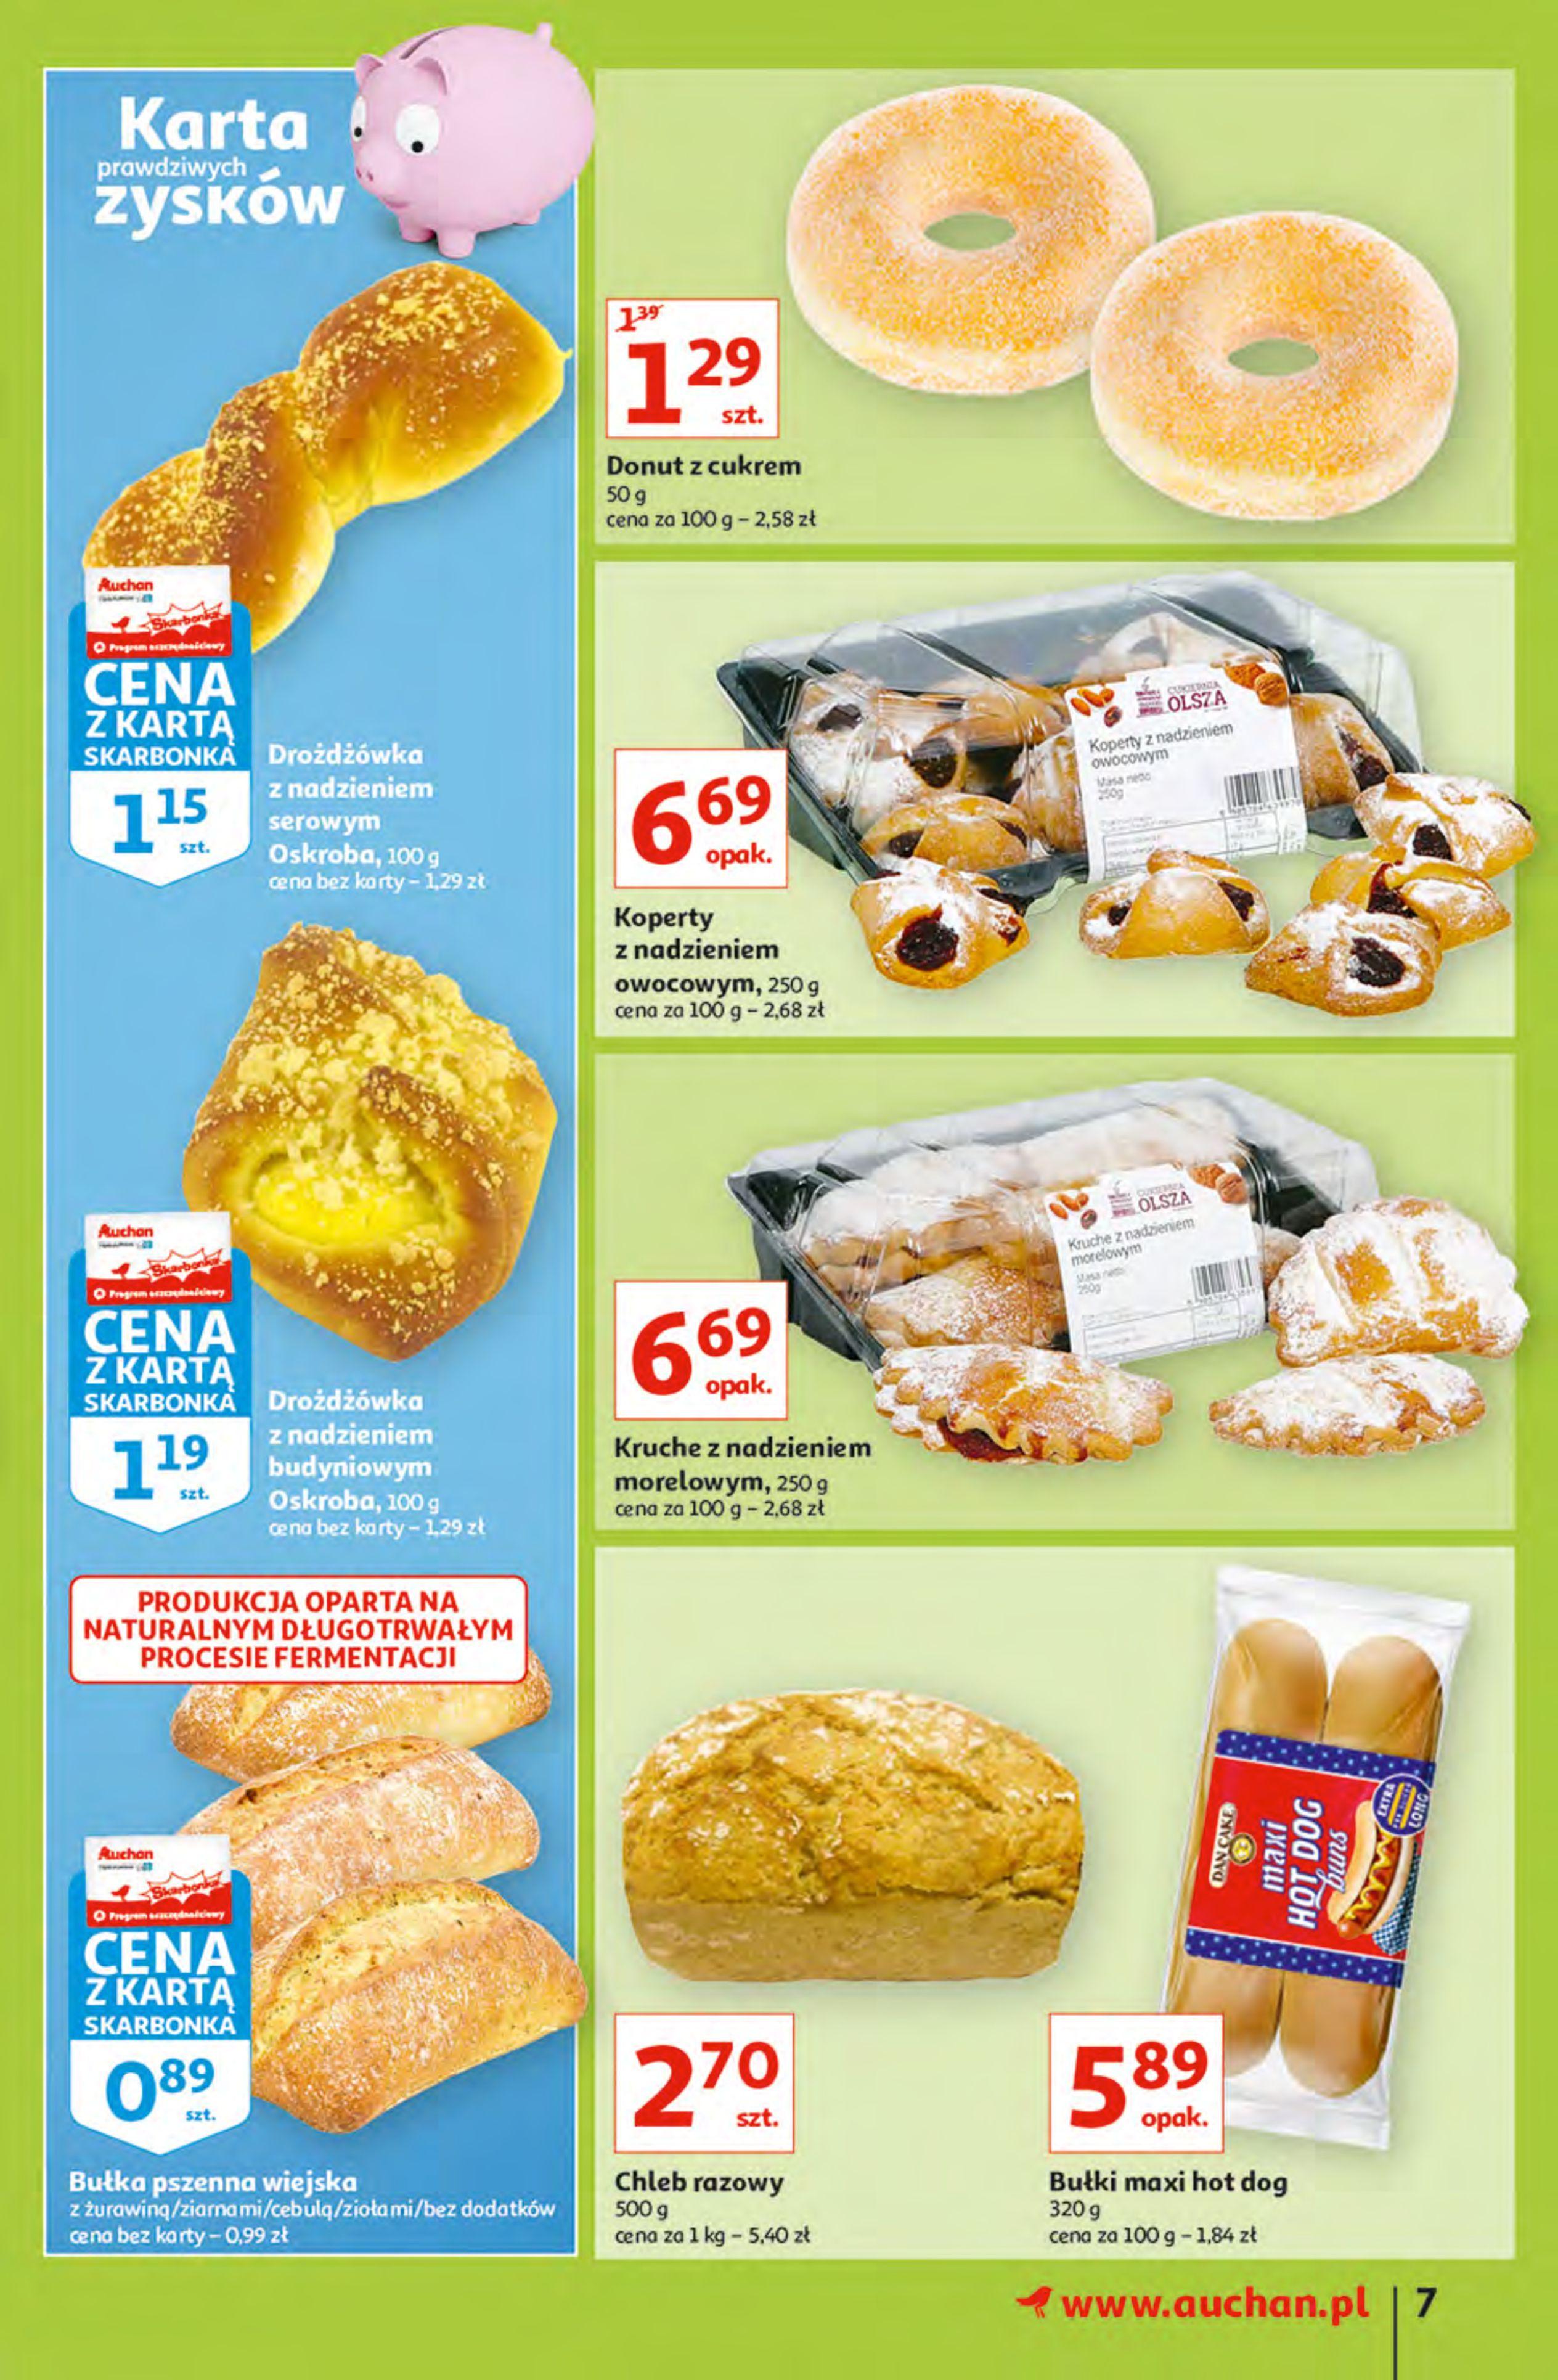 Gazetka Auchan: Gazetka Auchan - Hiperoszczędzanie z Kartą Skarbonka 2 Hipermarkety 2021-10-14 page-7